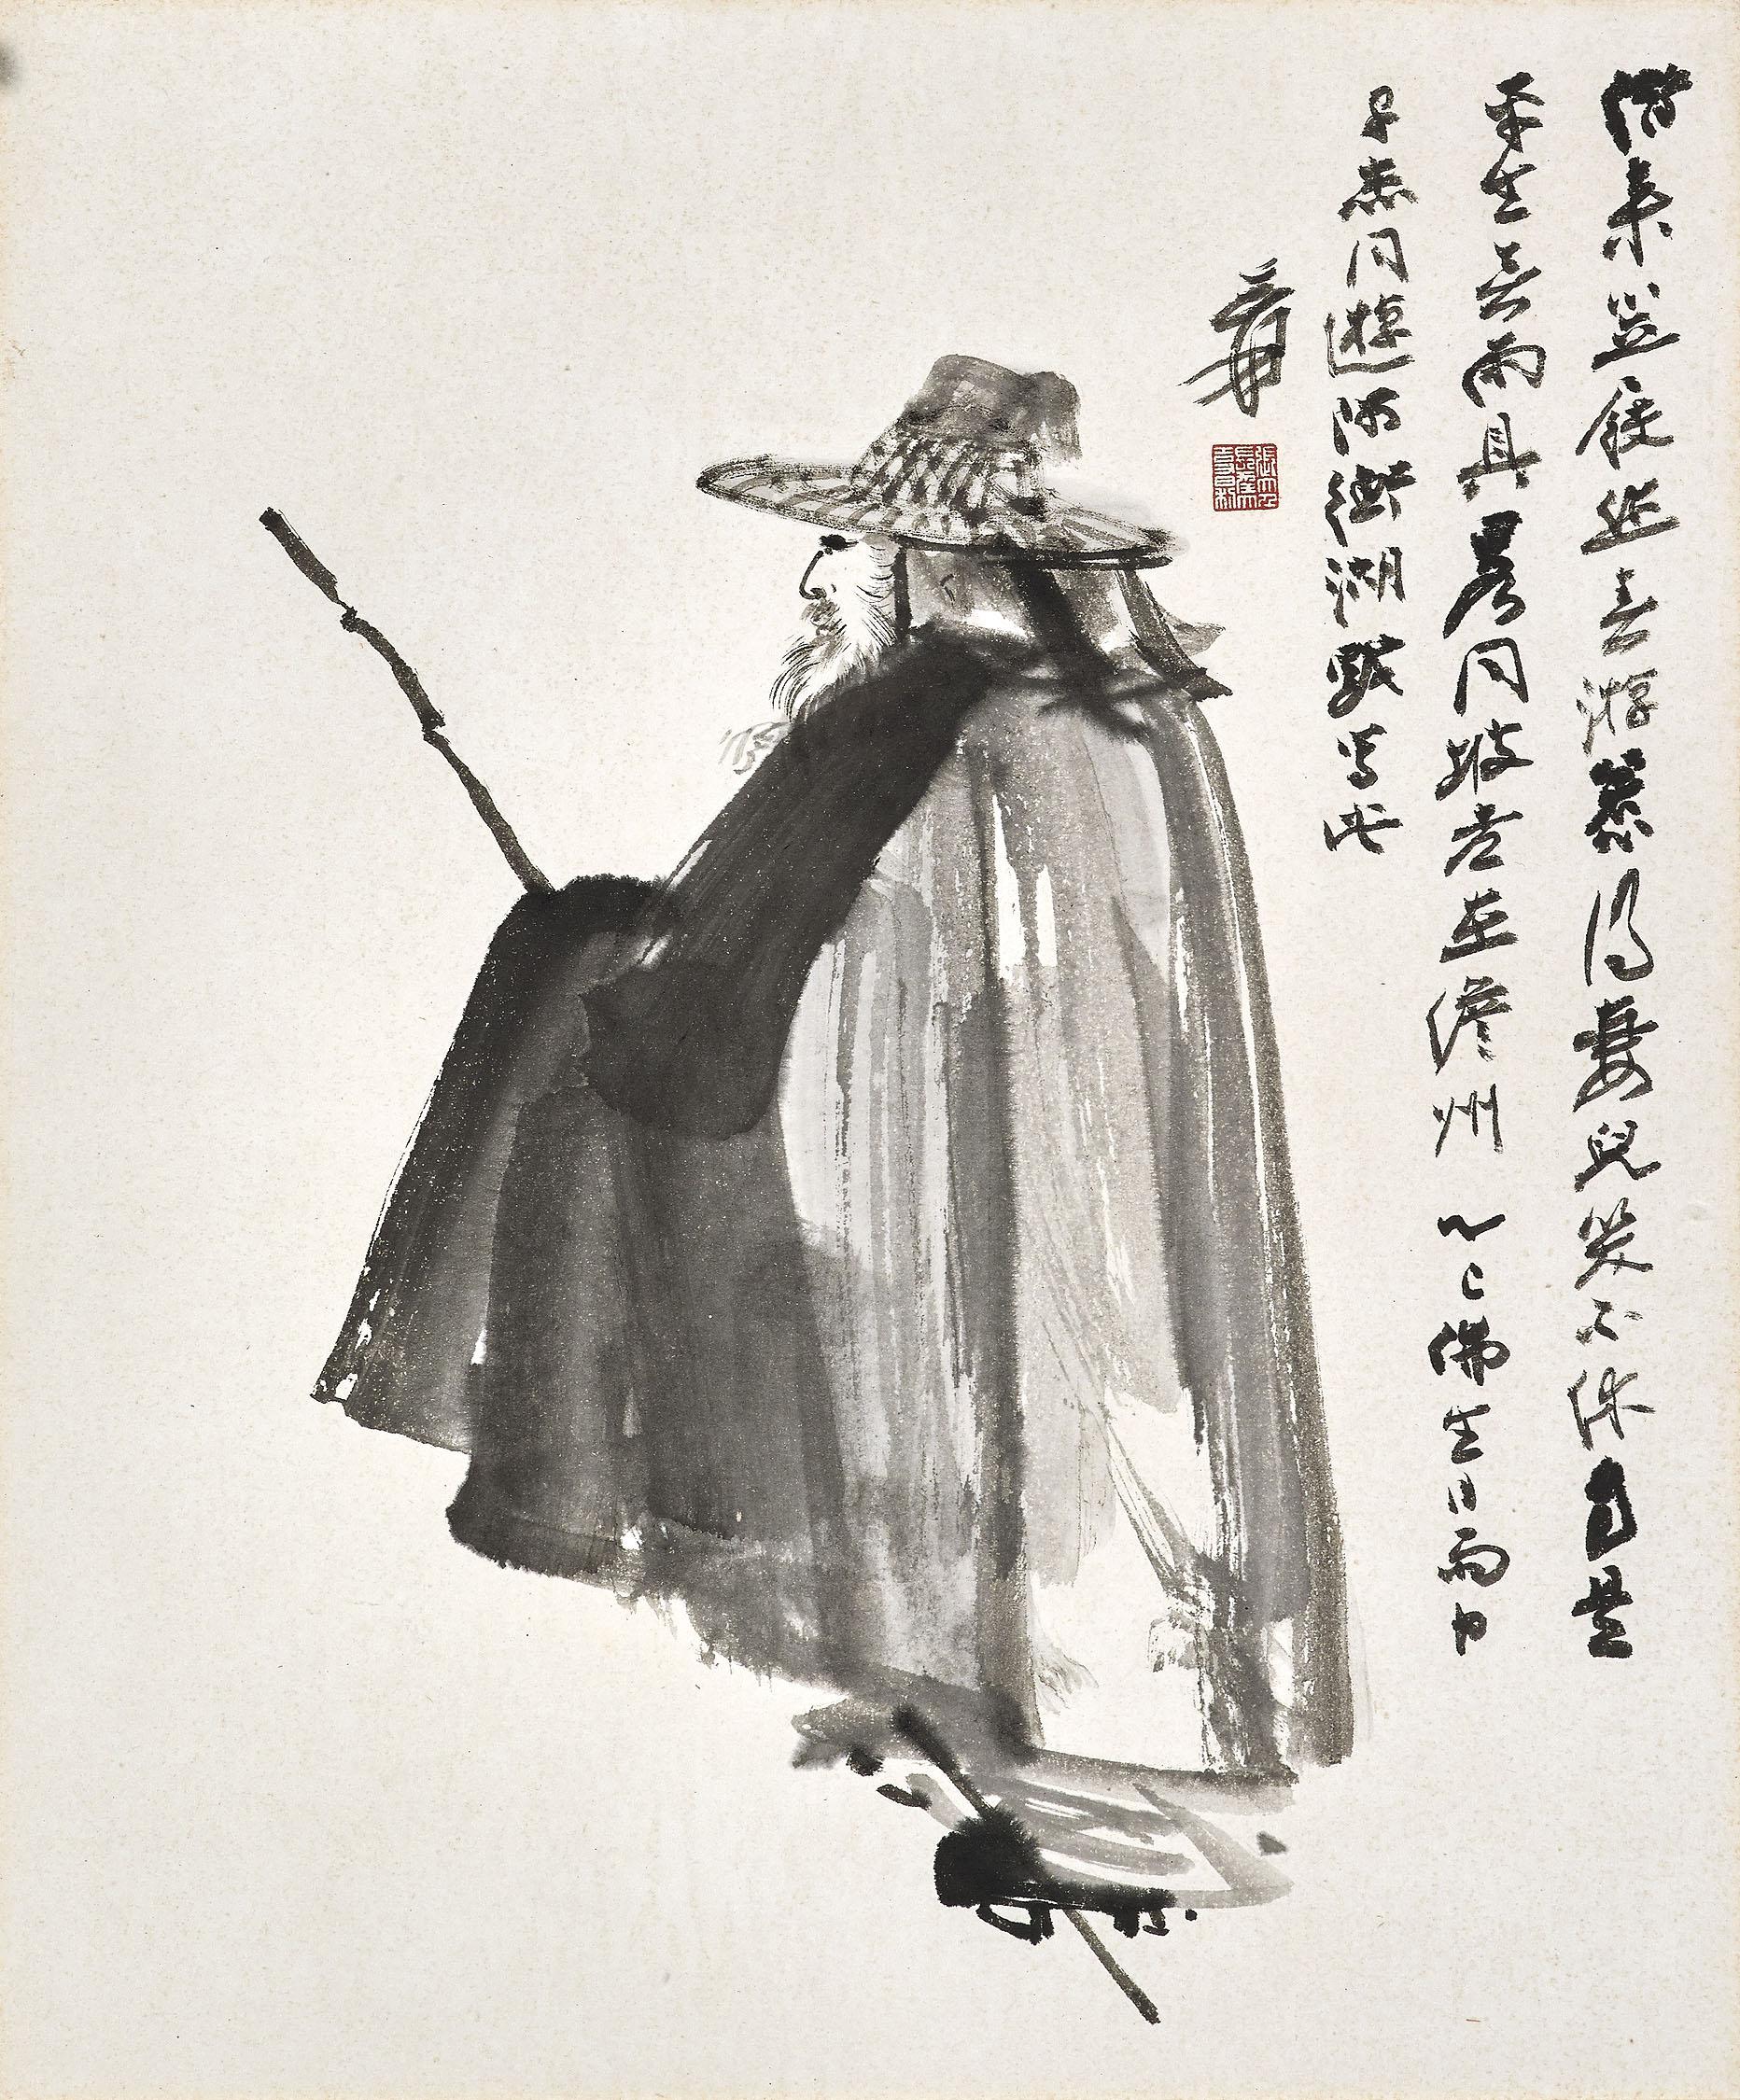 ZHANG DAQIAN(1899-1983))